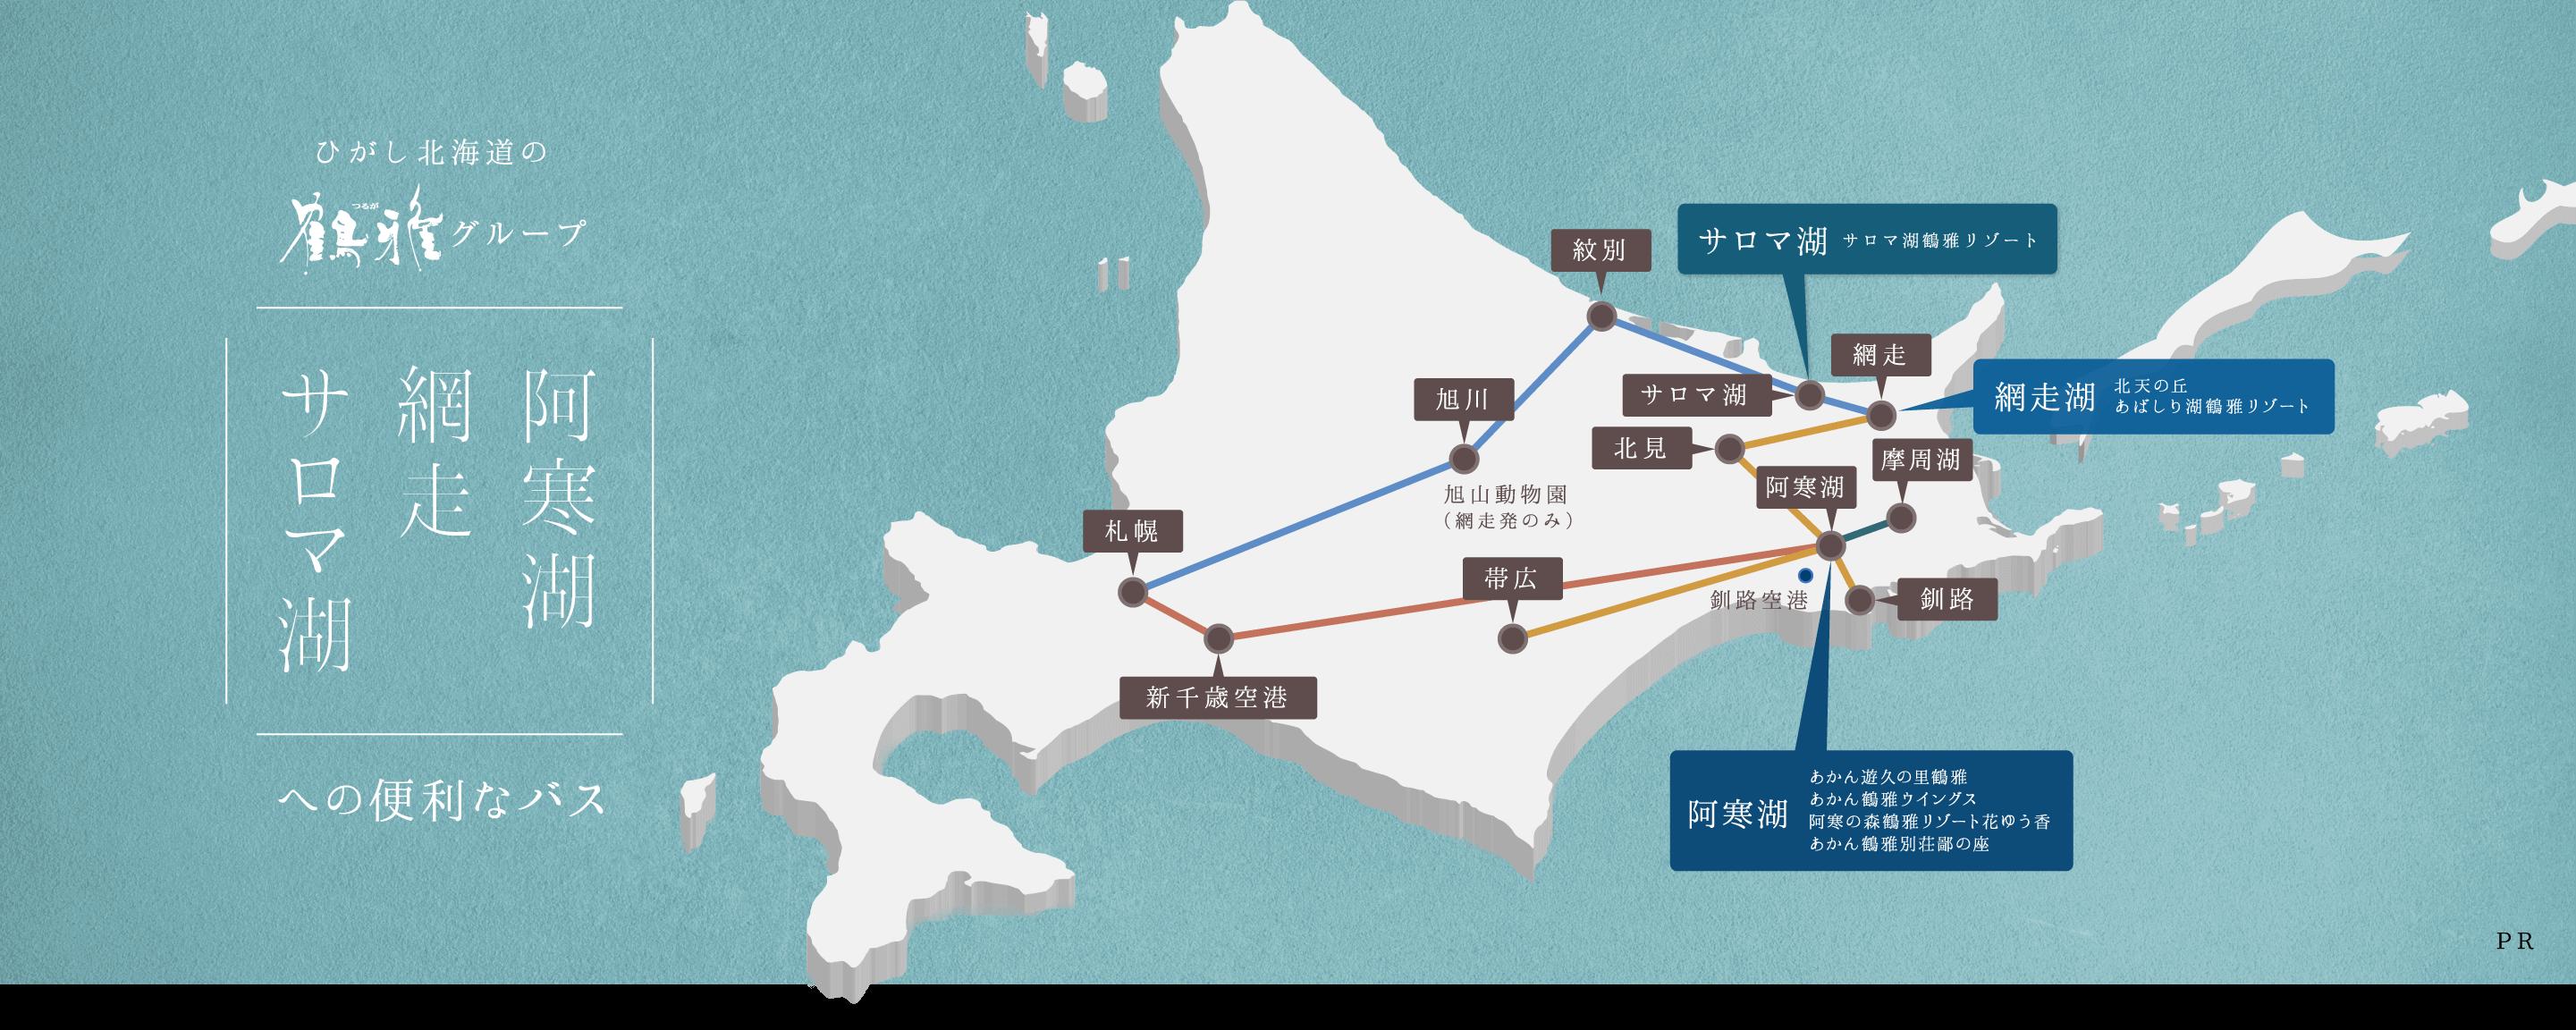 ひがし北海道の鶴雅グループ 阿寒湖 網走 サロマ湖 への便利なパス | 【公式】ひがし北海道トラベルラボ